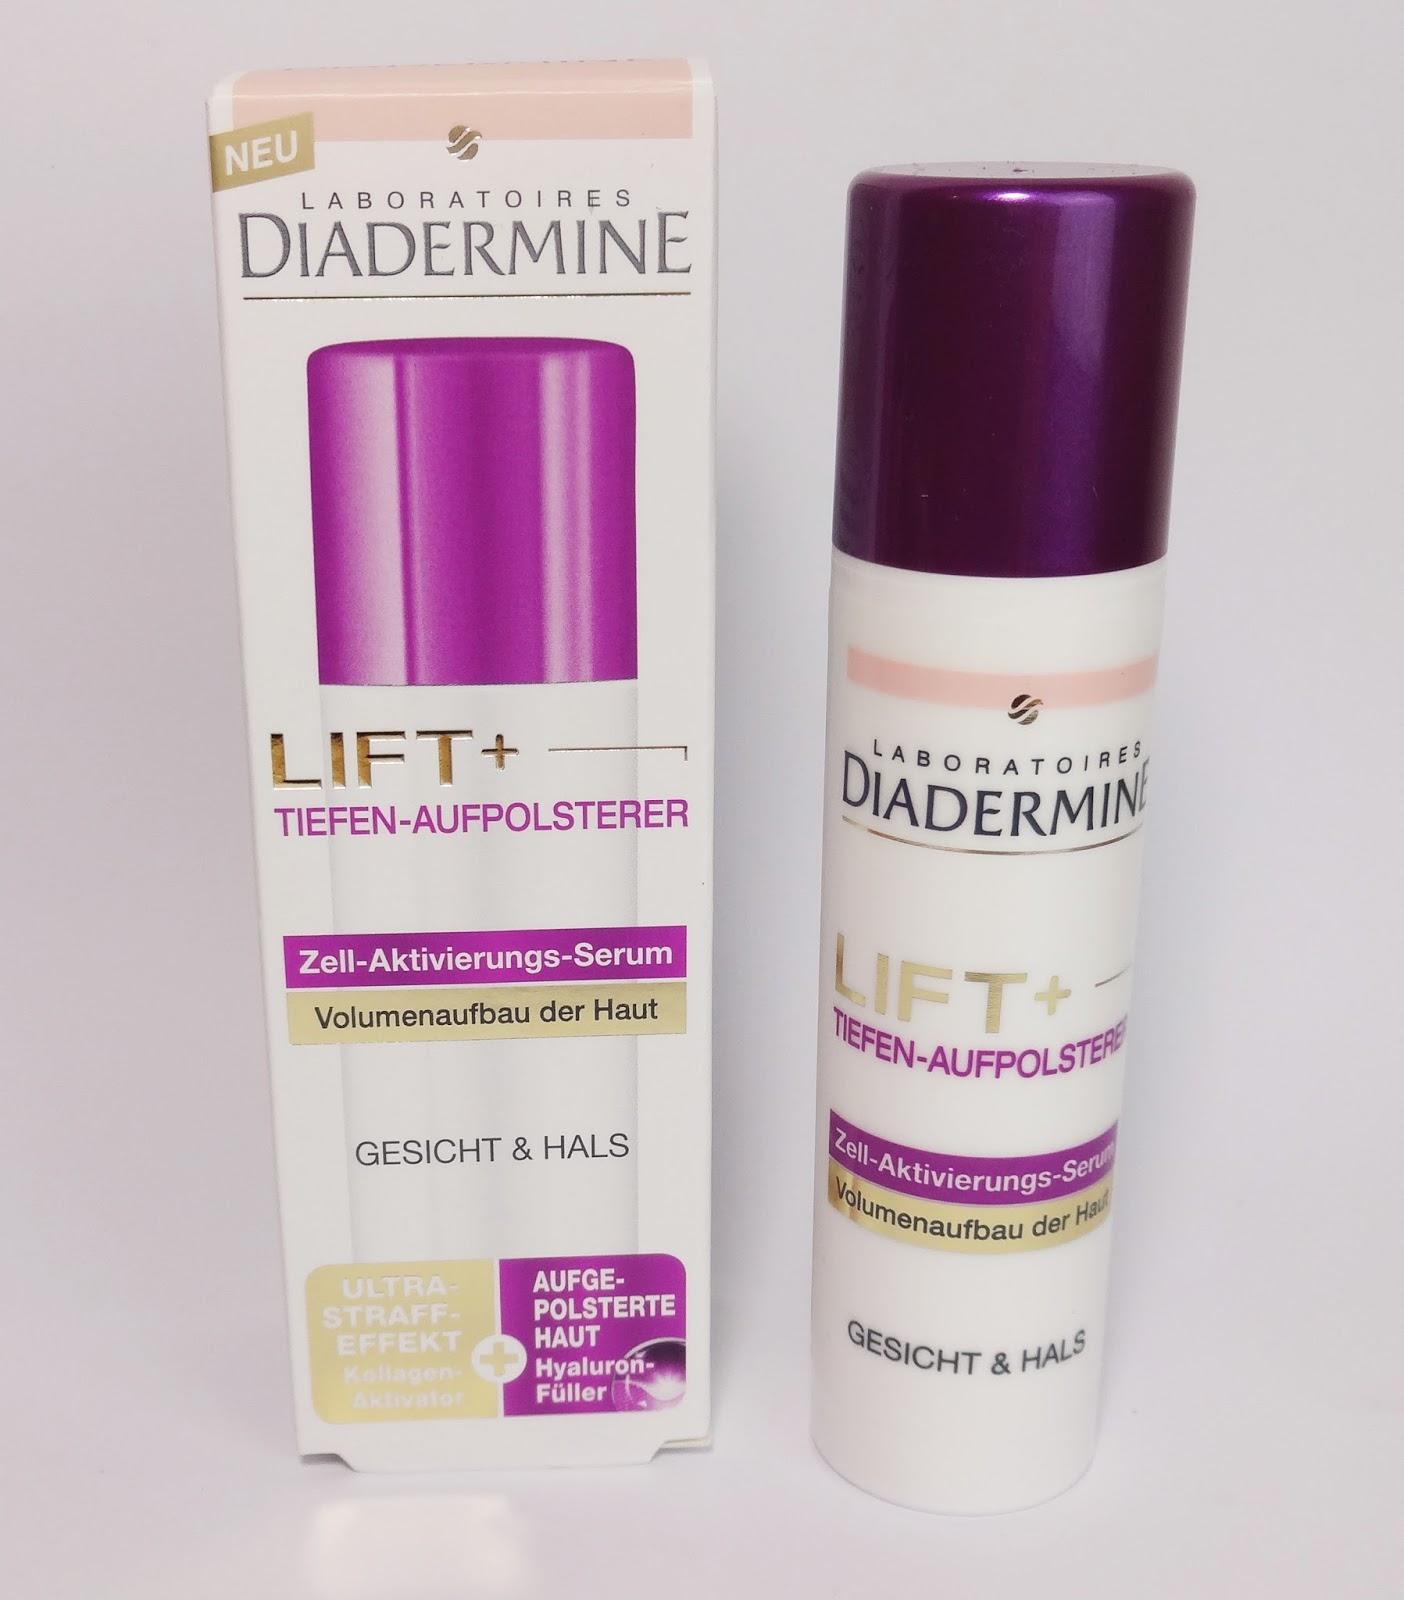 Diadermine - Lift+ Tiefen-Aufpolsterer Zell-Aktivierungs-Serum